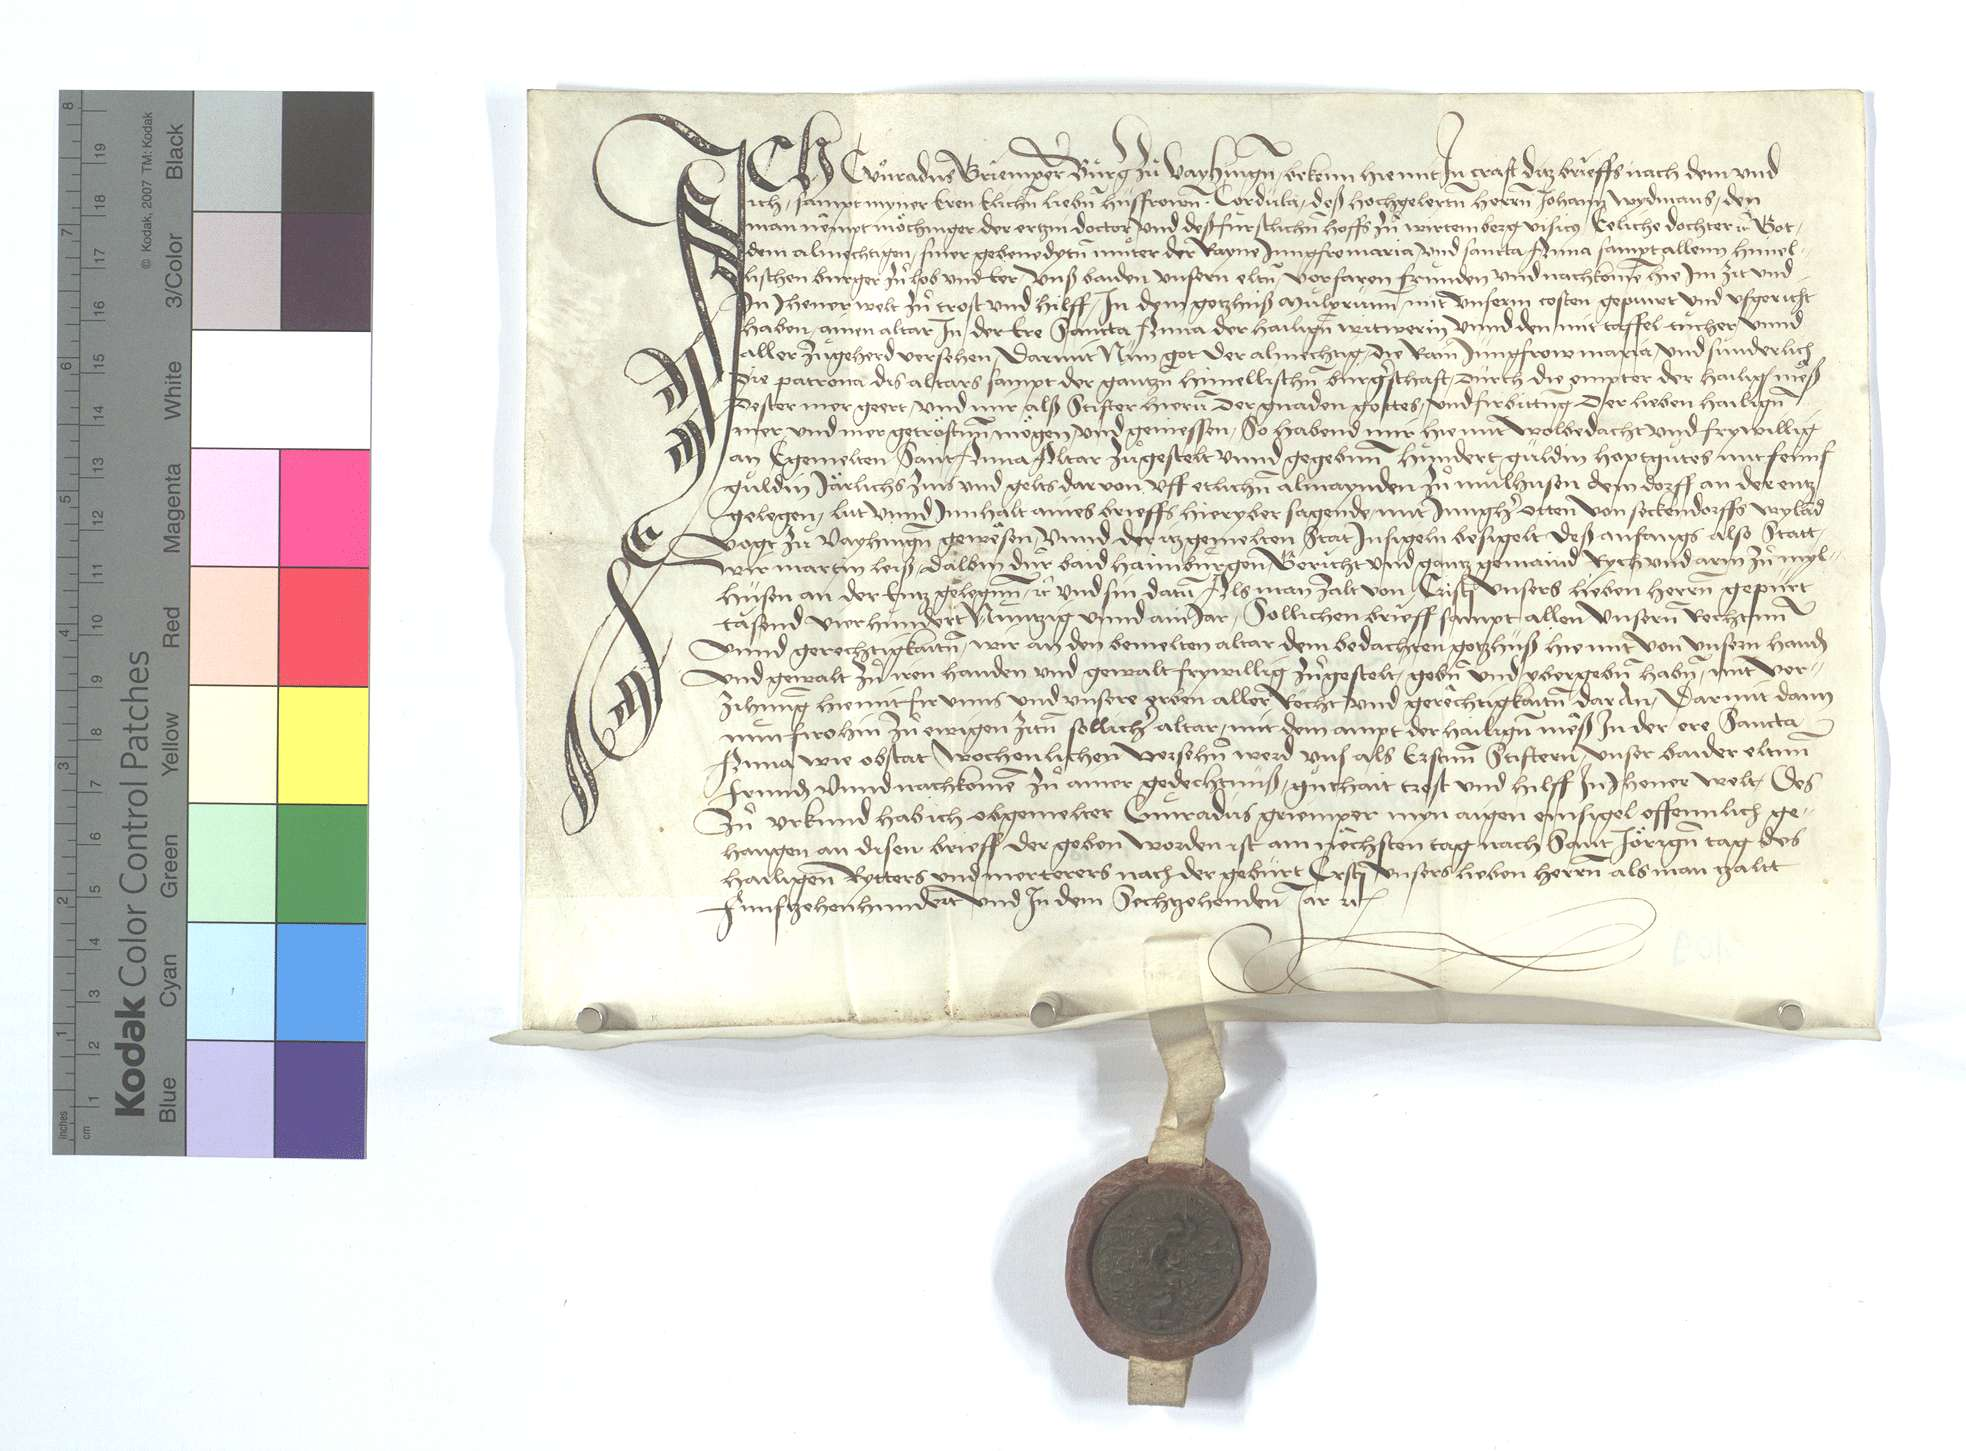 Stiftung der St. Anna Pfründe in dem Kloster Maulbronn von Conrad Gremper (Griemper) von Vaihingen, wegen der 5 Gulden jährlicher Gült aus der Allmende in Mühlhausen (Mülhausen) gestiftet., Text